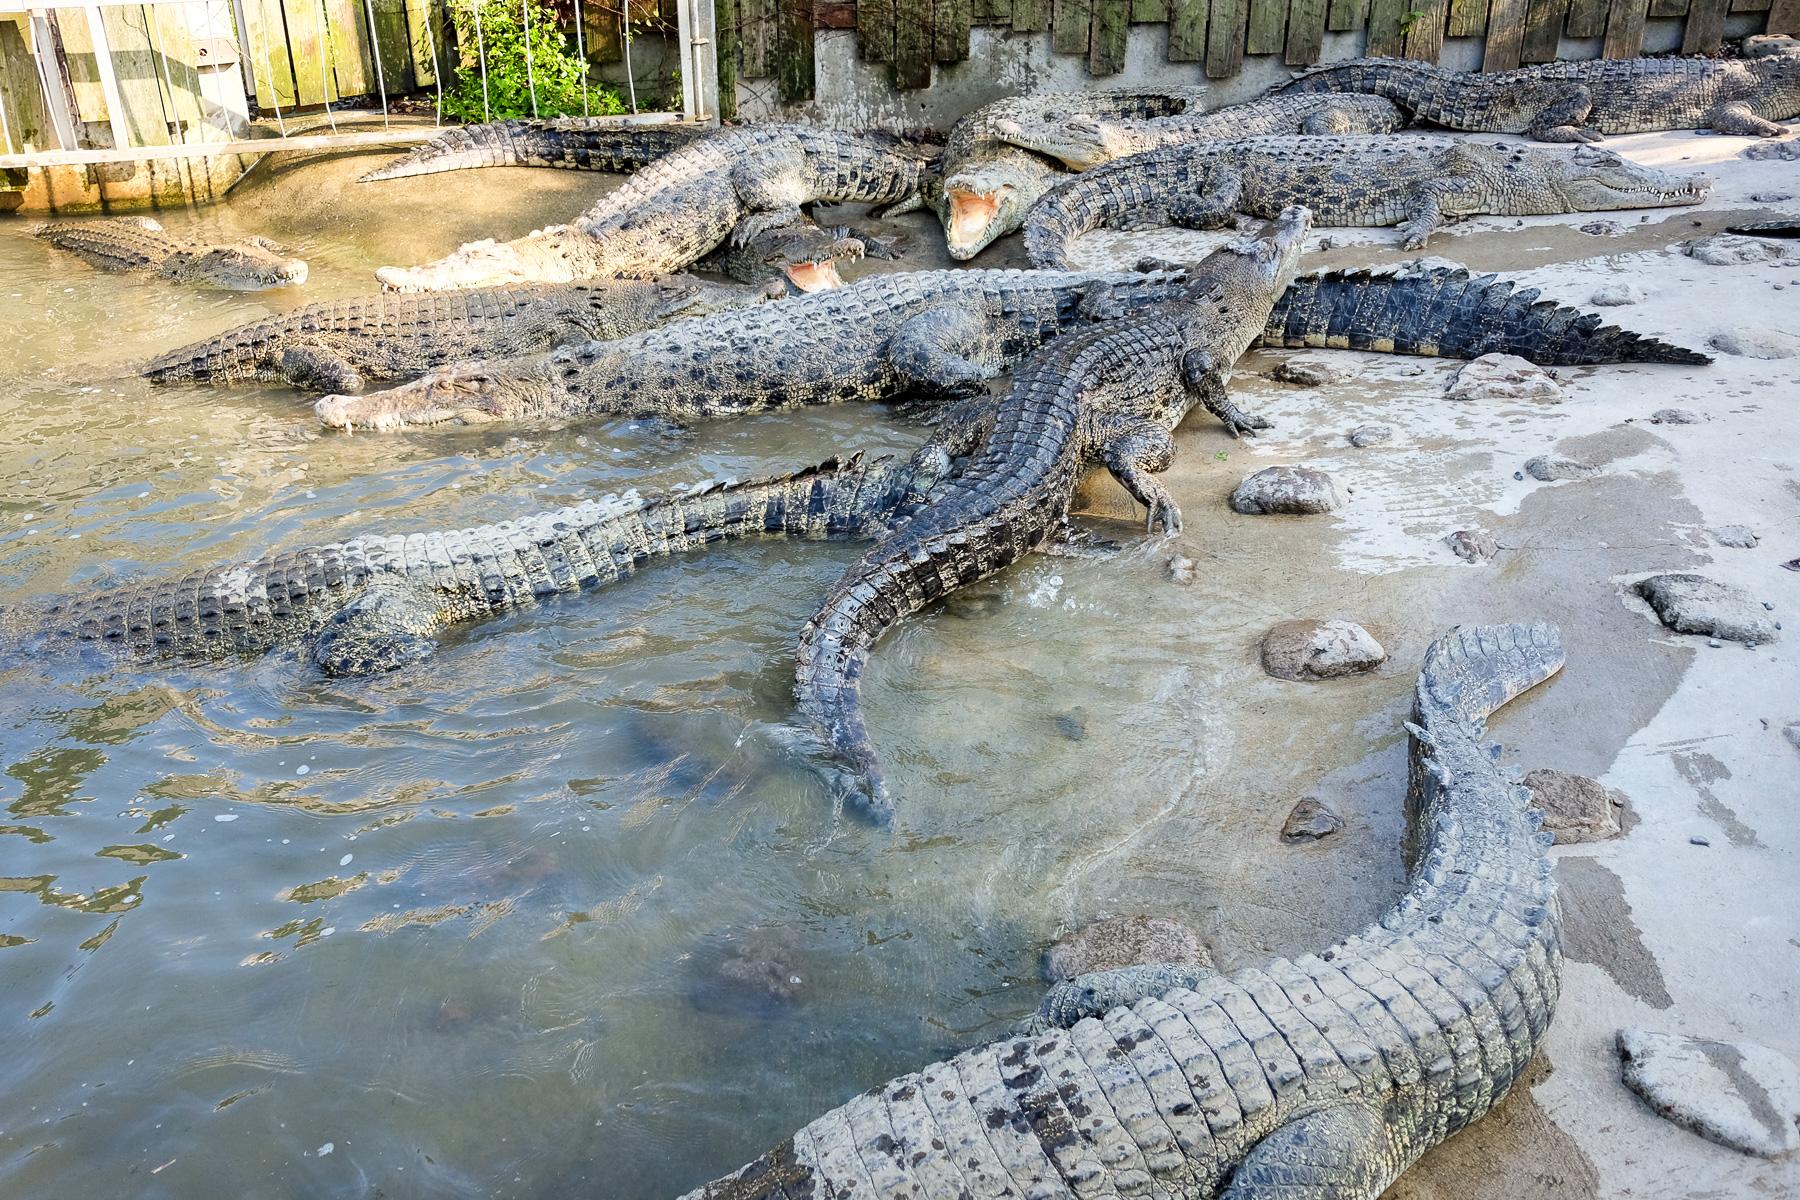 Krokodile gab's auch.